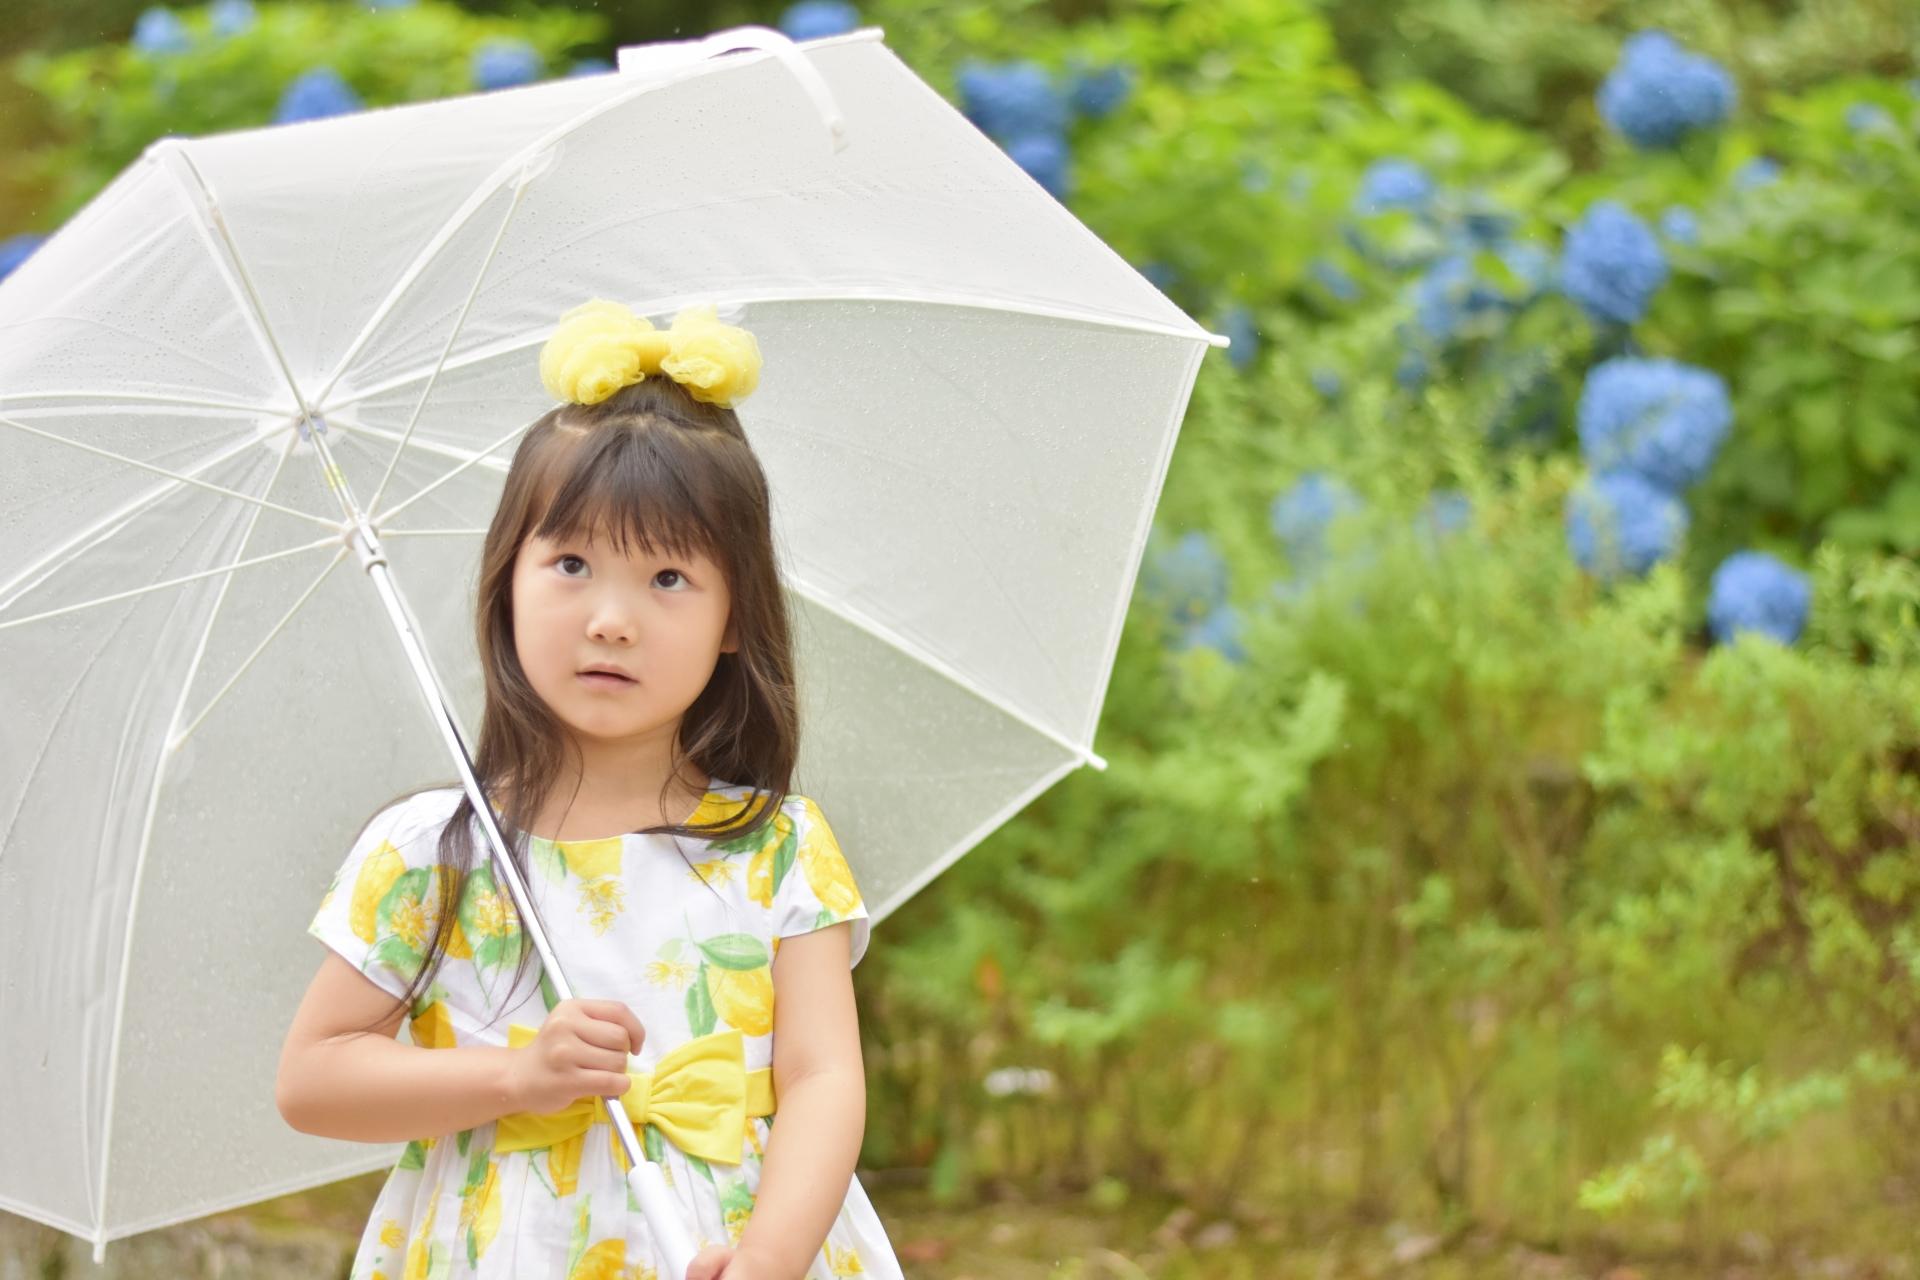 石垣島の雨の日を楽しむ